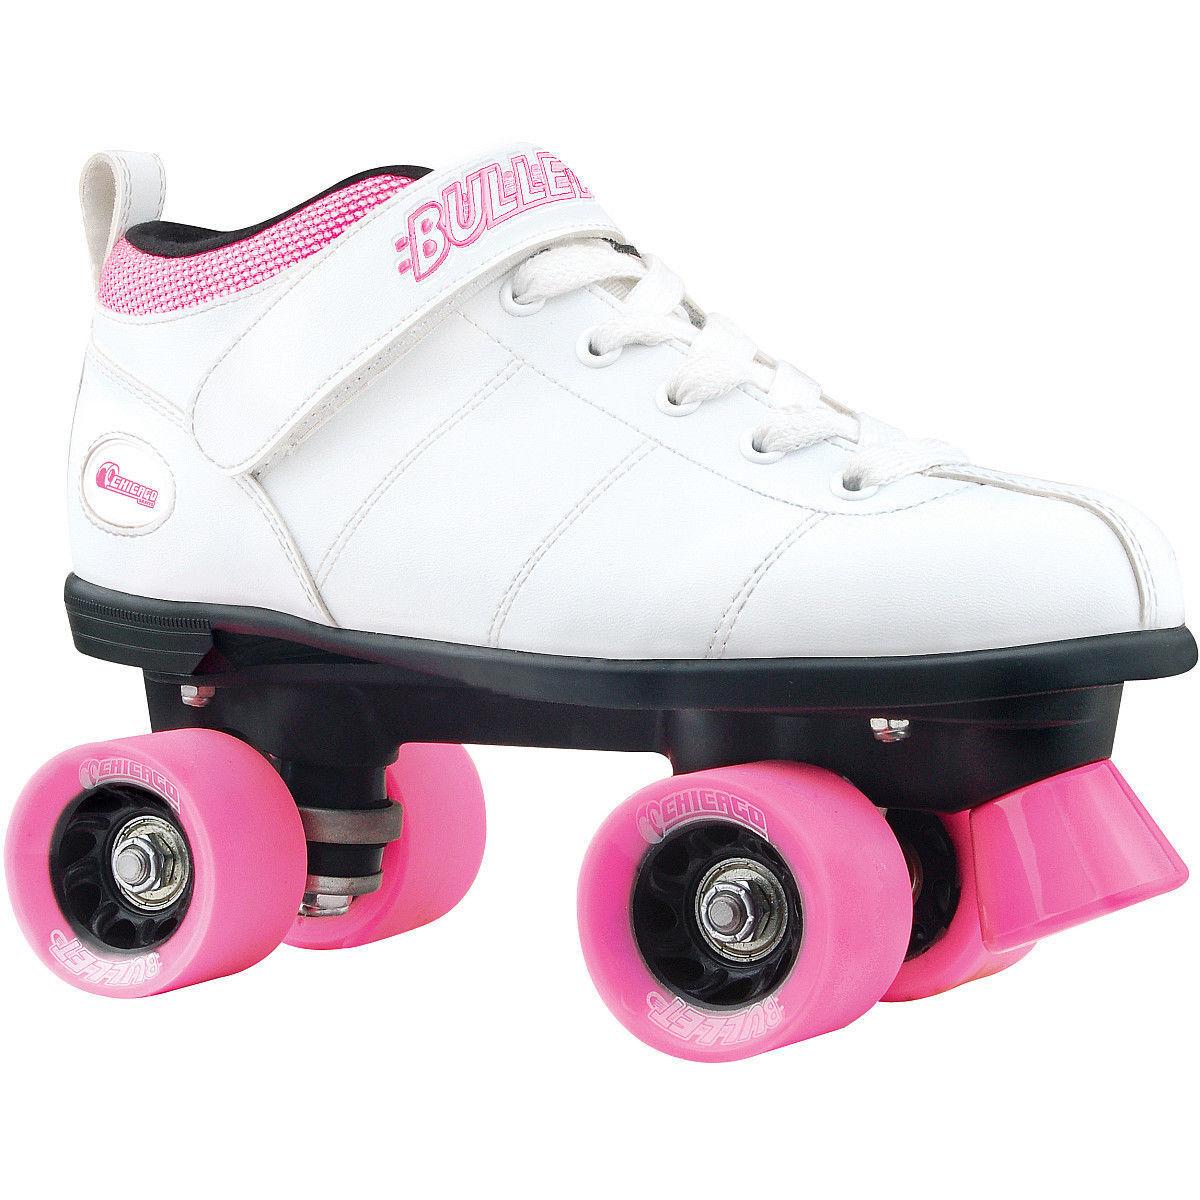 Quad roller skates amazon - Chicago Bullet Speed Skates